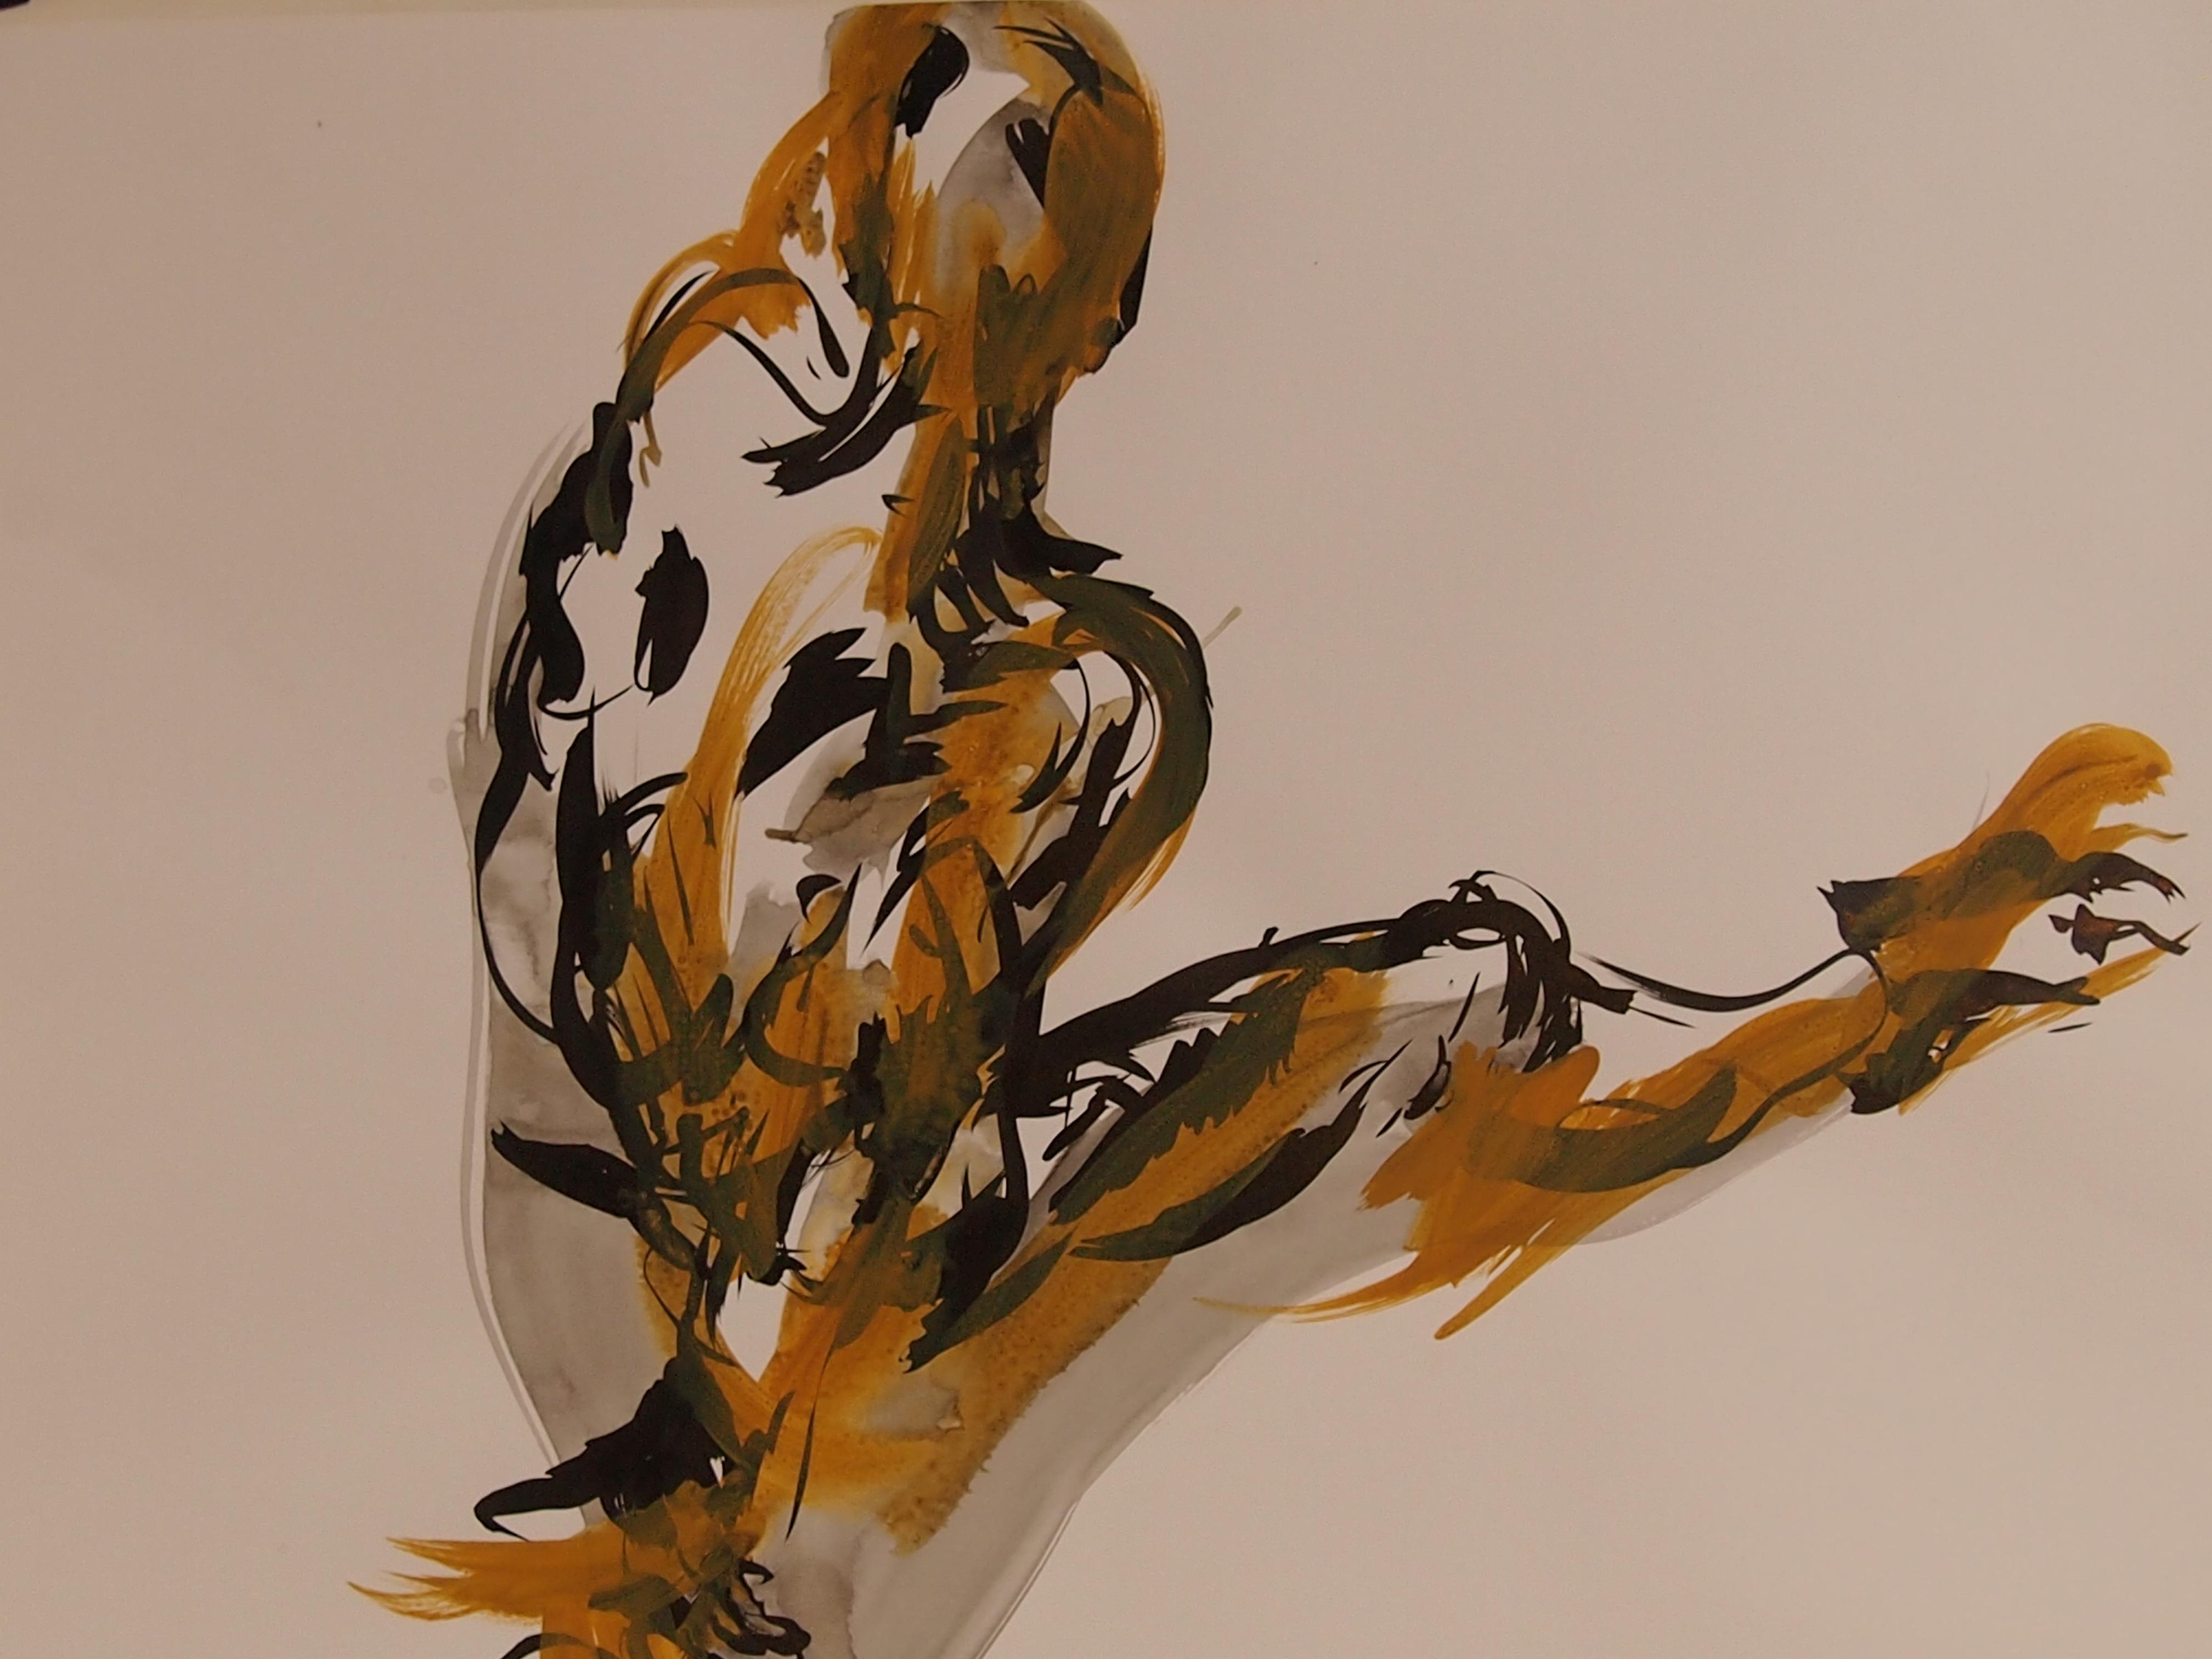 étude_de_nu_encre,acrylique_50x65